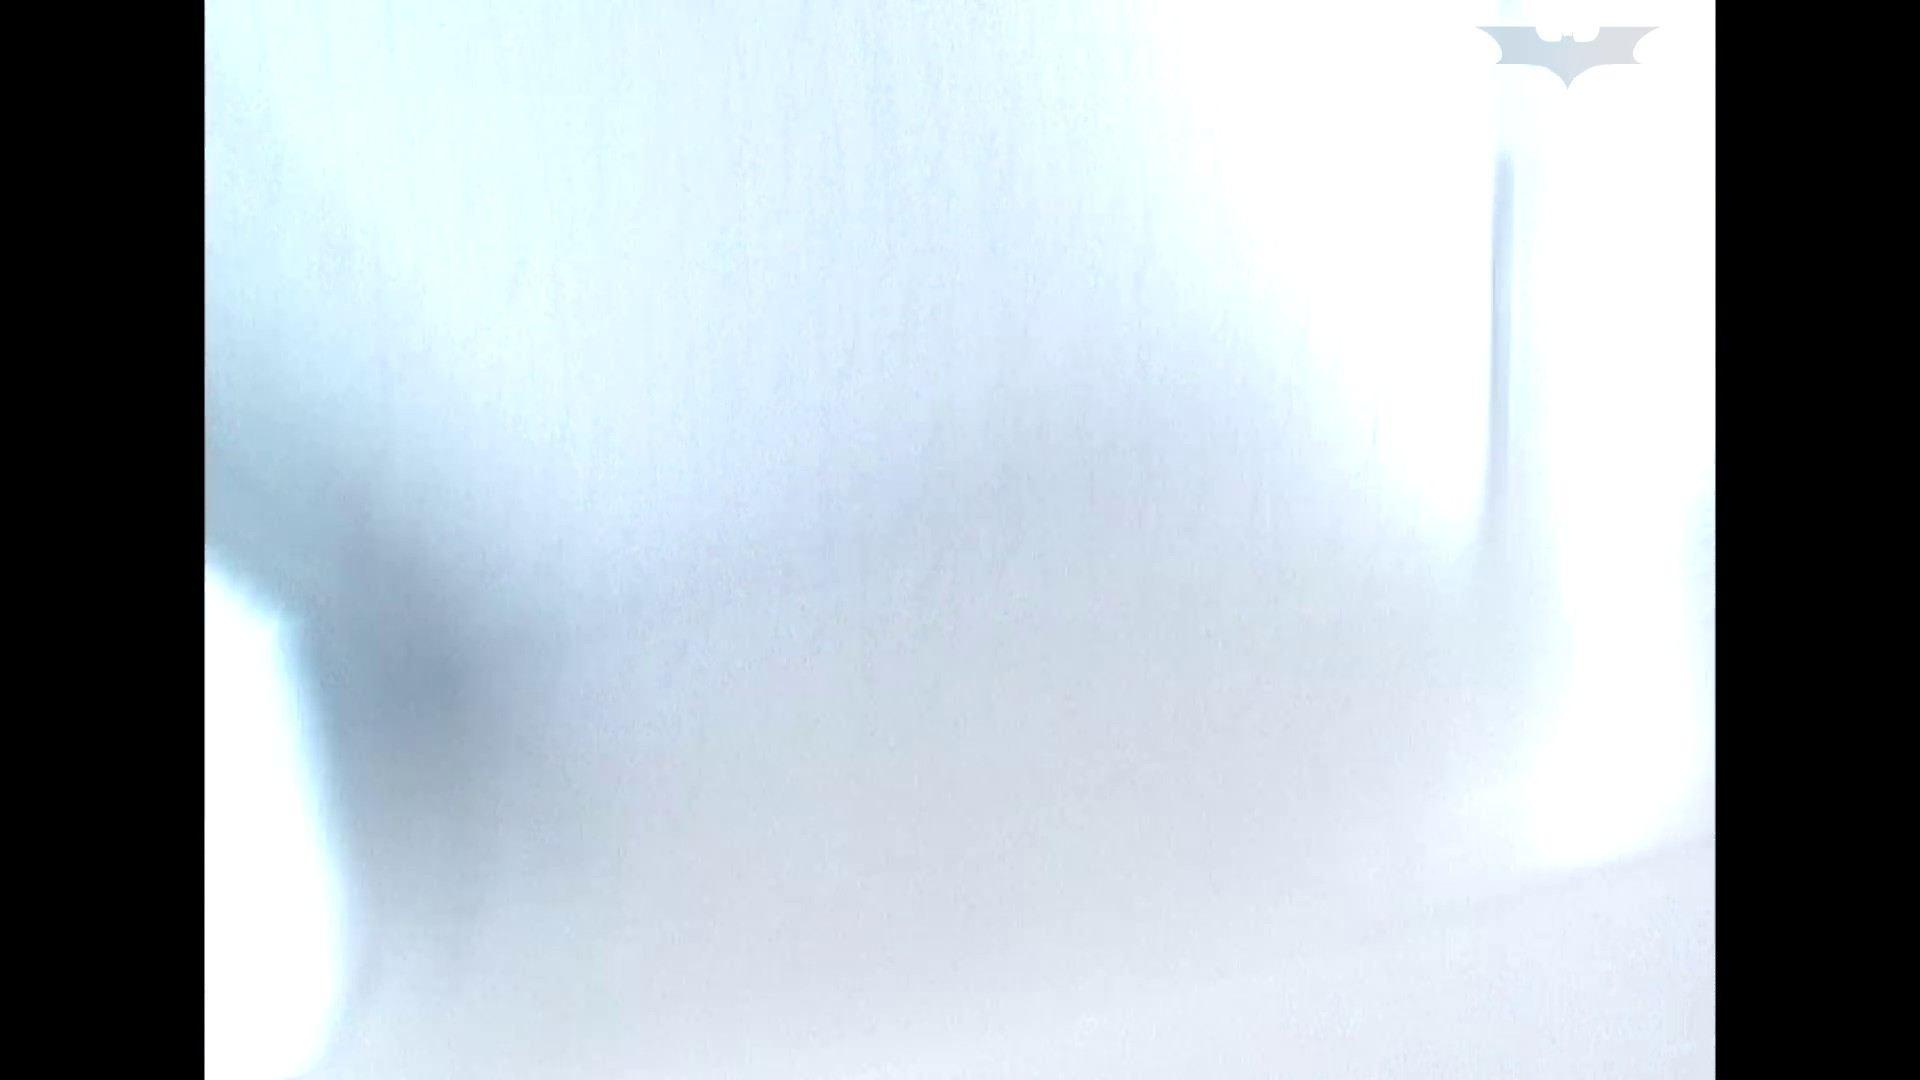 空爆和式フロント盛り合わせ! 期間限定神キタ!ツルピカの放nyo!Vol.21 高評価 AV動画キャプチャ 108画像 9